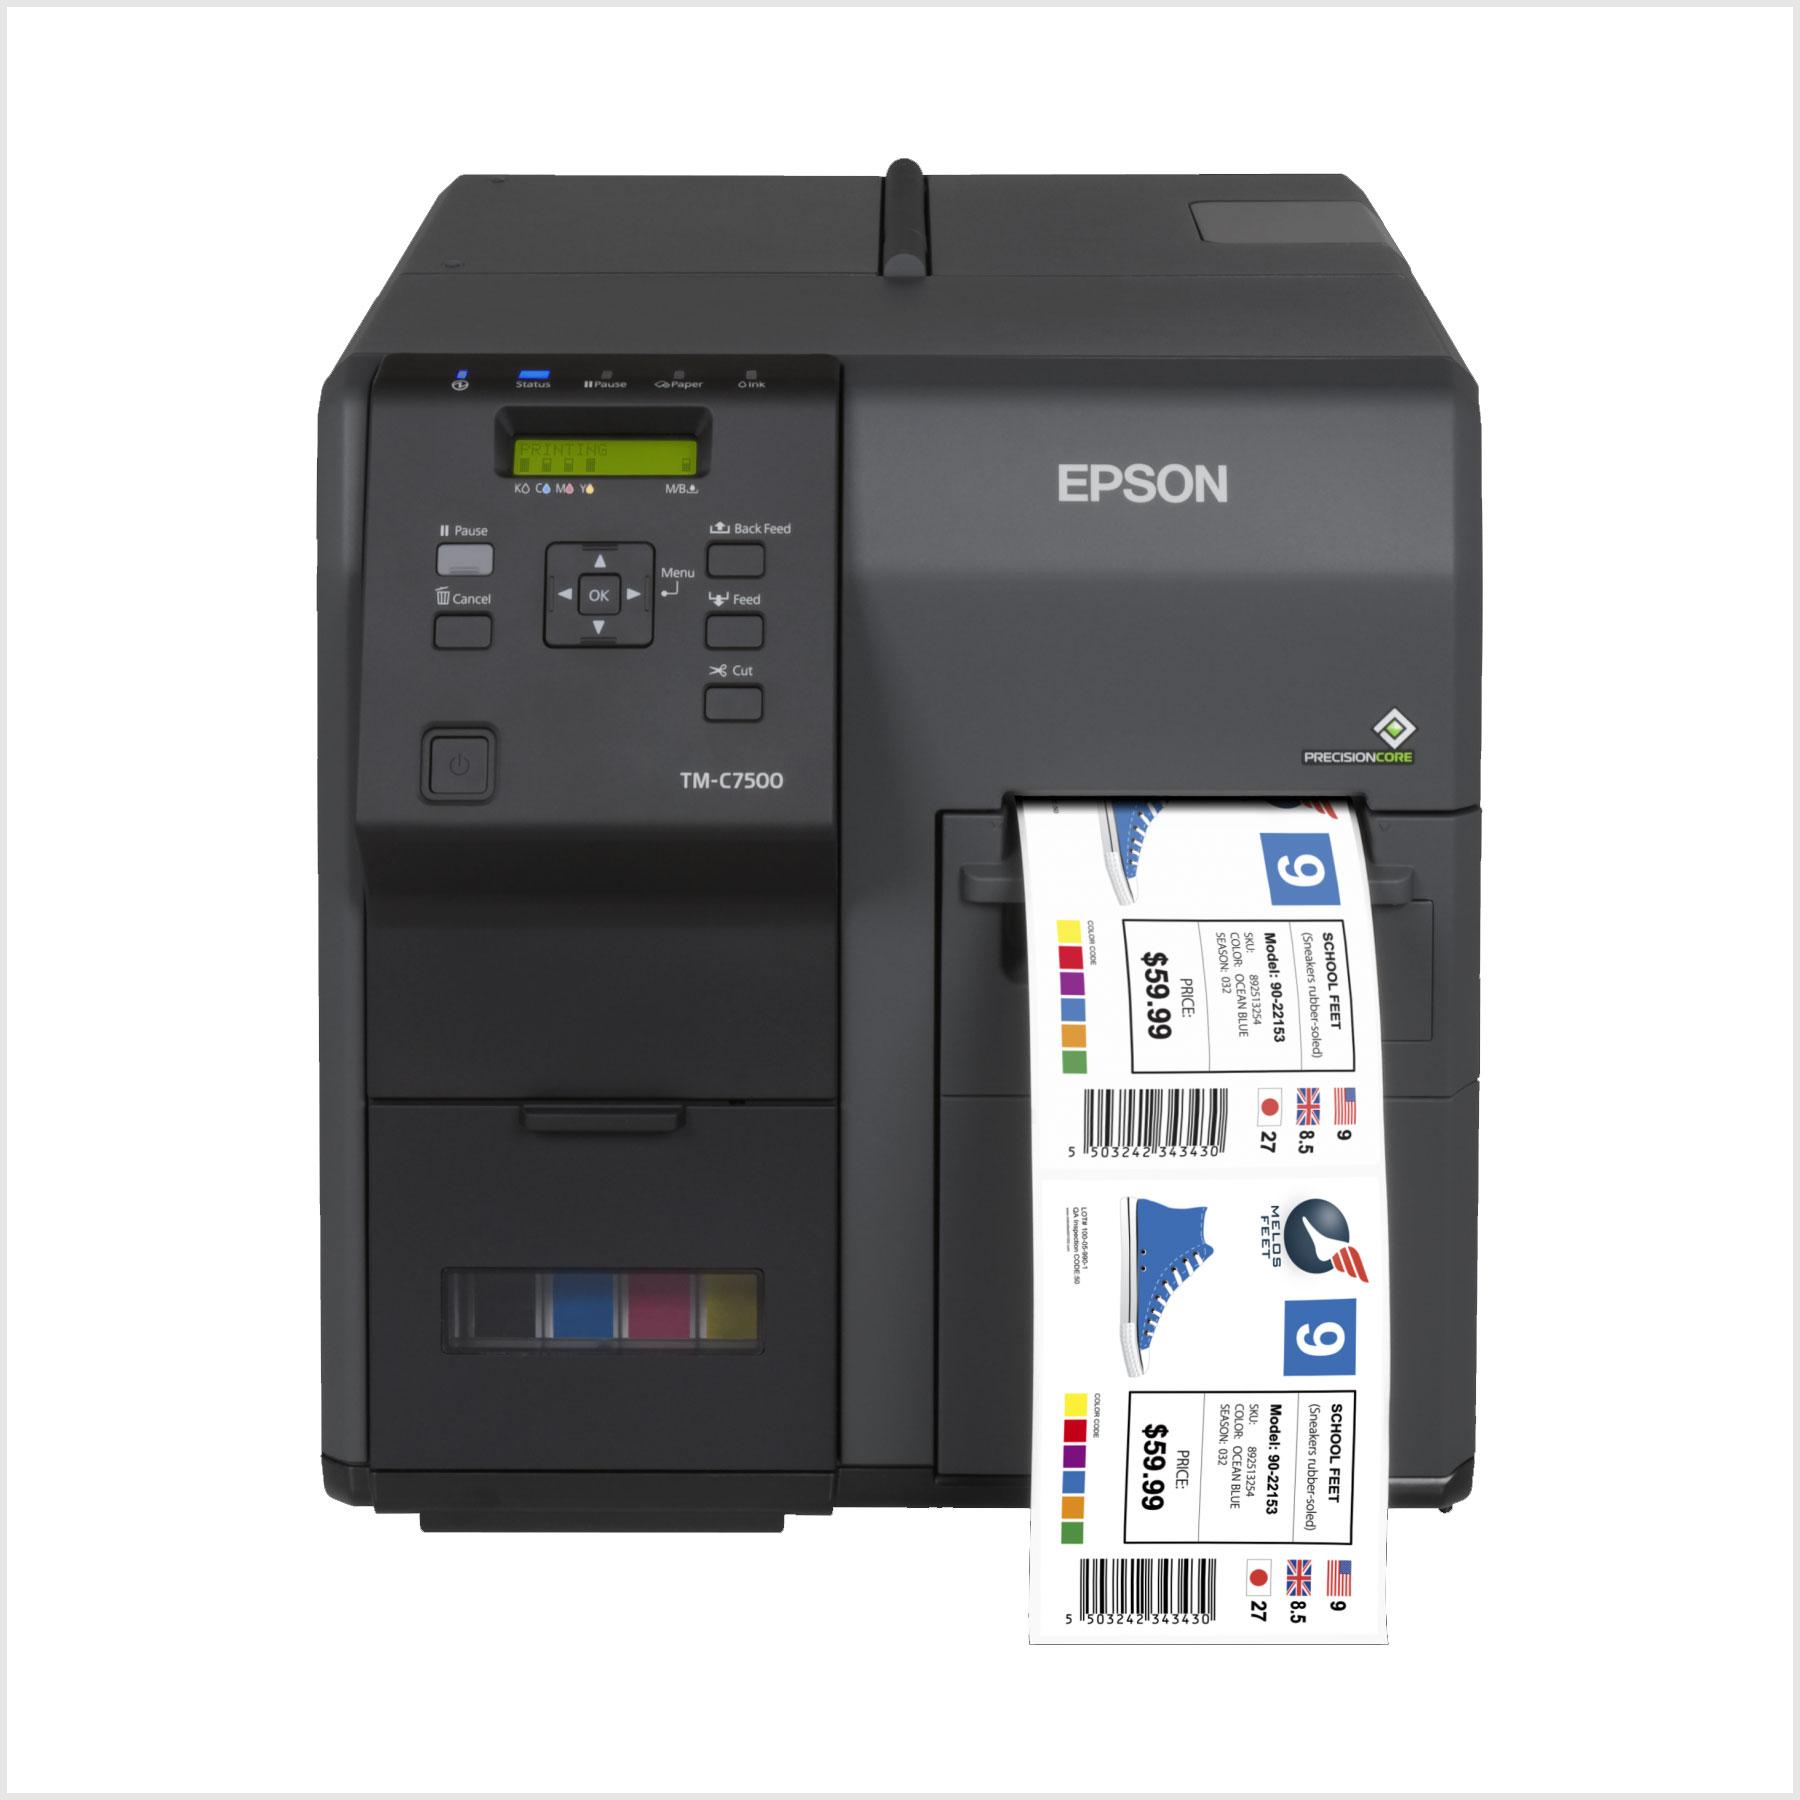 Epson Tm-C7500G Renkli Barkod Yazıcı Fiyatı